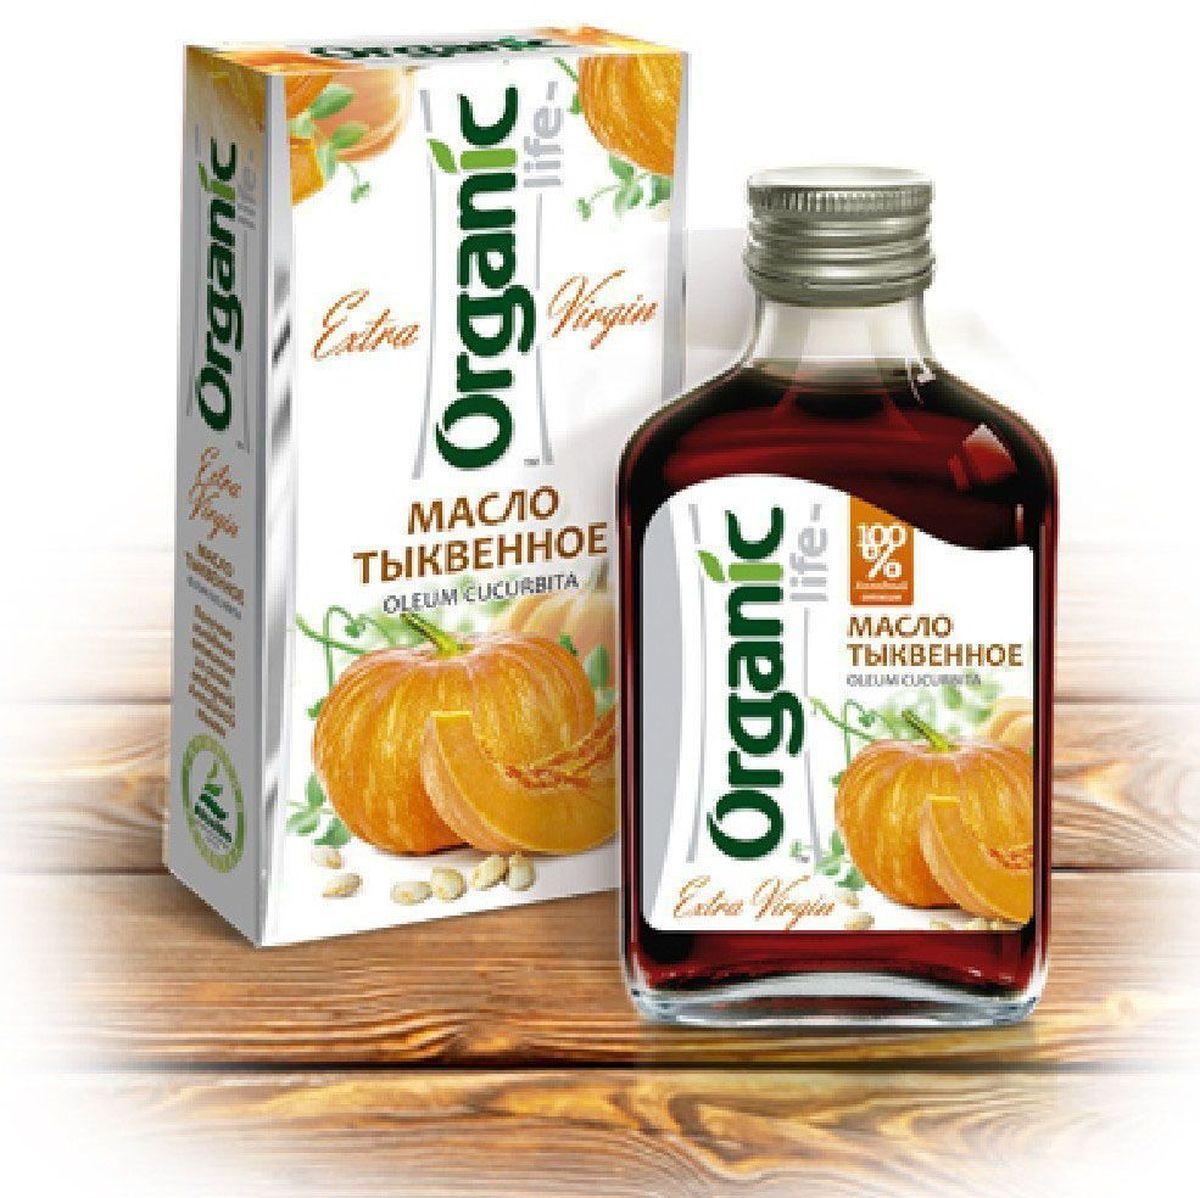 Organic Life масло тыквенное, 100 мл212022Тыквенное масло Organic Life производят из семян сорта Штирийская масляная. Это особый сорт тыквы, семена которой не покрыты шелухой. Они имеют темно-зеленый цвет благодаря тому, что содержат хлорофилл – антиоксидант, который защищает организм от преждевременного старения и воздействия свободных радикалов. Кроме того, хлорофилл улучшает транспортировку кислорода к клеткам и повышает иммунитет. Содержащиеся в тыквенном масле цинк и селен являются особенно ценными для поддержания мужского здоровья и формирования репродуктивной системы подростков. Тыквенное масло содержит кукурбитин. Эта аминокислота оказывает противоглистное действие, не вызывает интоксикации организма, не раздражает слизистую кишечника. Тыквенное масло характеризуется высокой концентрацией витаминов (А, Е, F, РР, Р, витамины группы В), минералов, фосфолипидов. Также содержит линолевую и линоленовую кислоты, которые относятся к семействам Омега-6 и Омега-3. Они благотворно влияют на работу сердечнососудистой,...